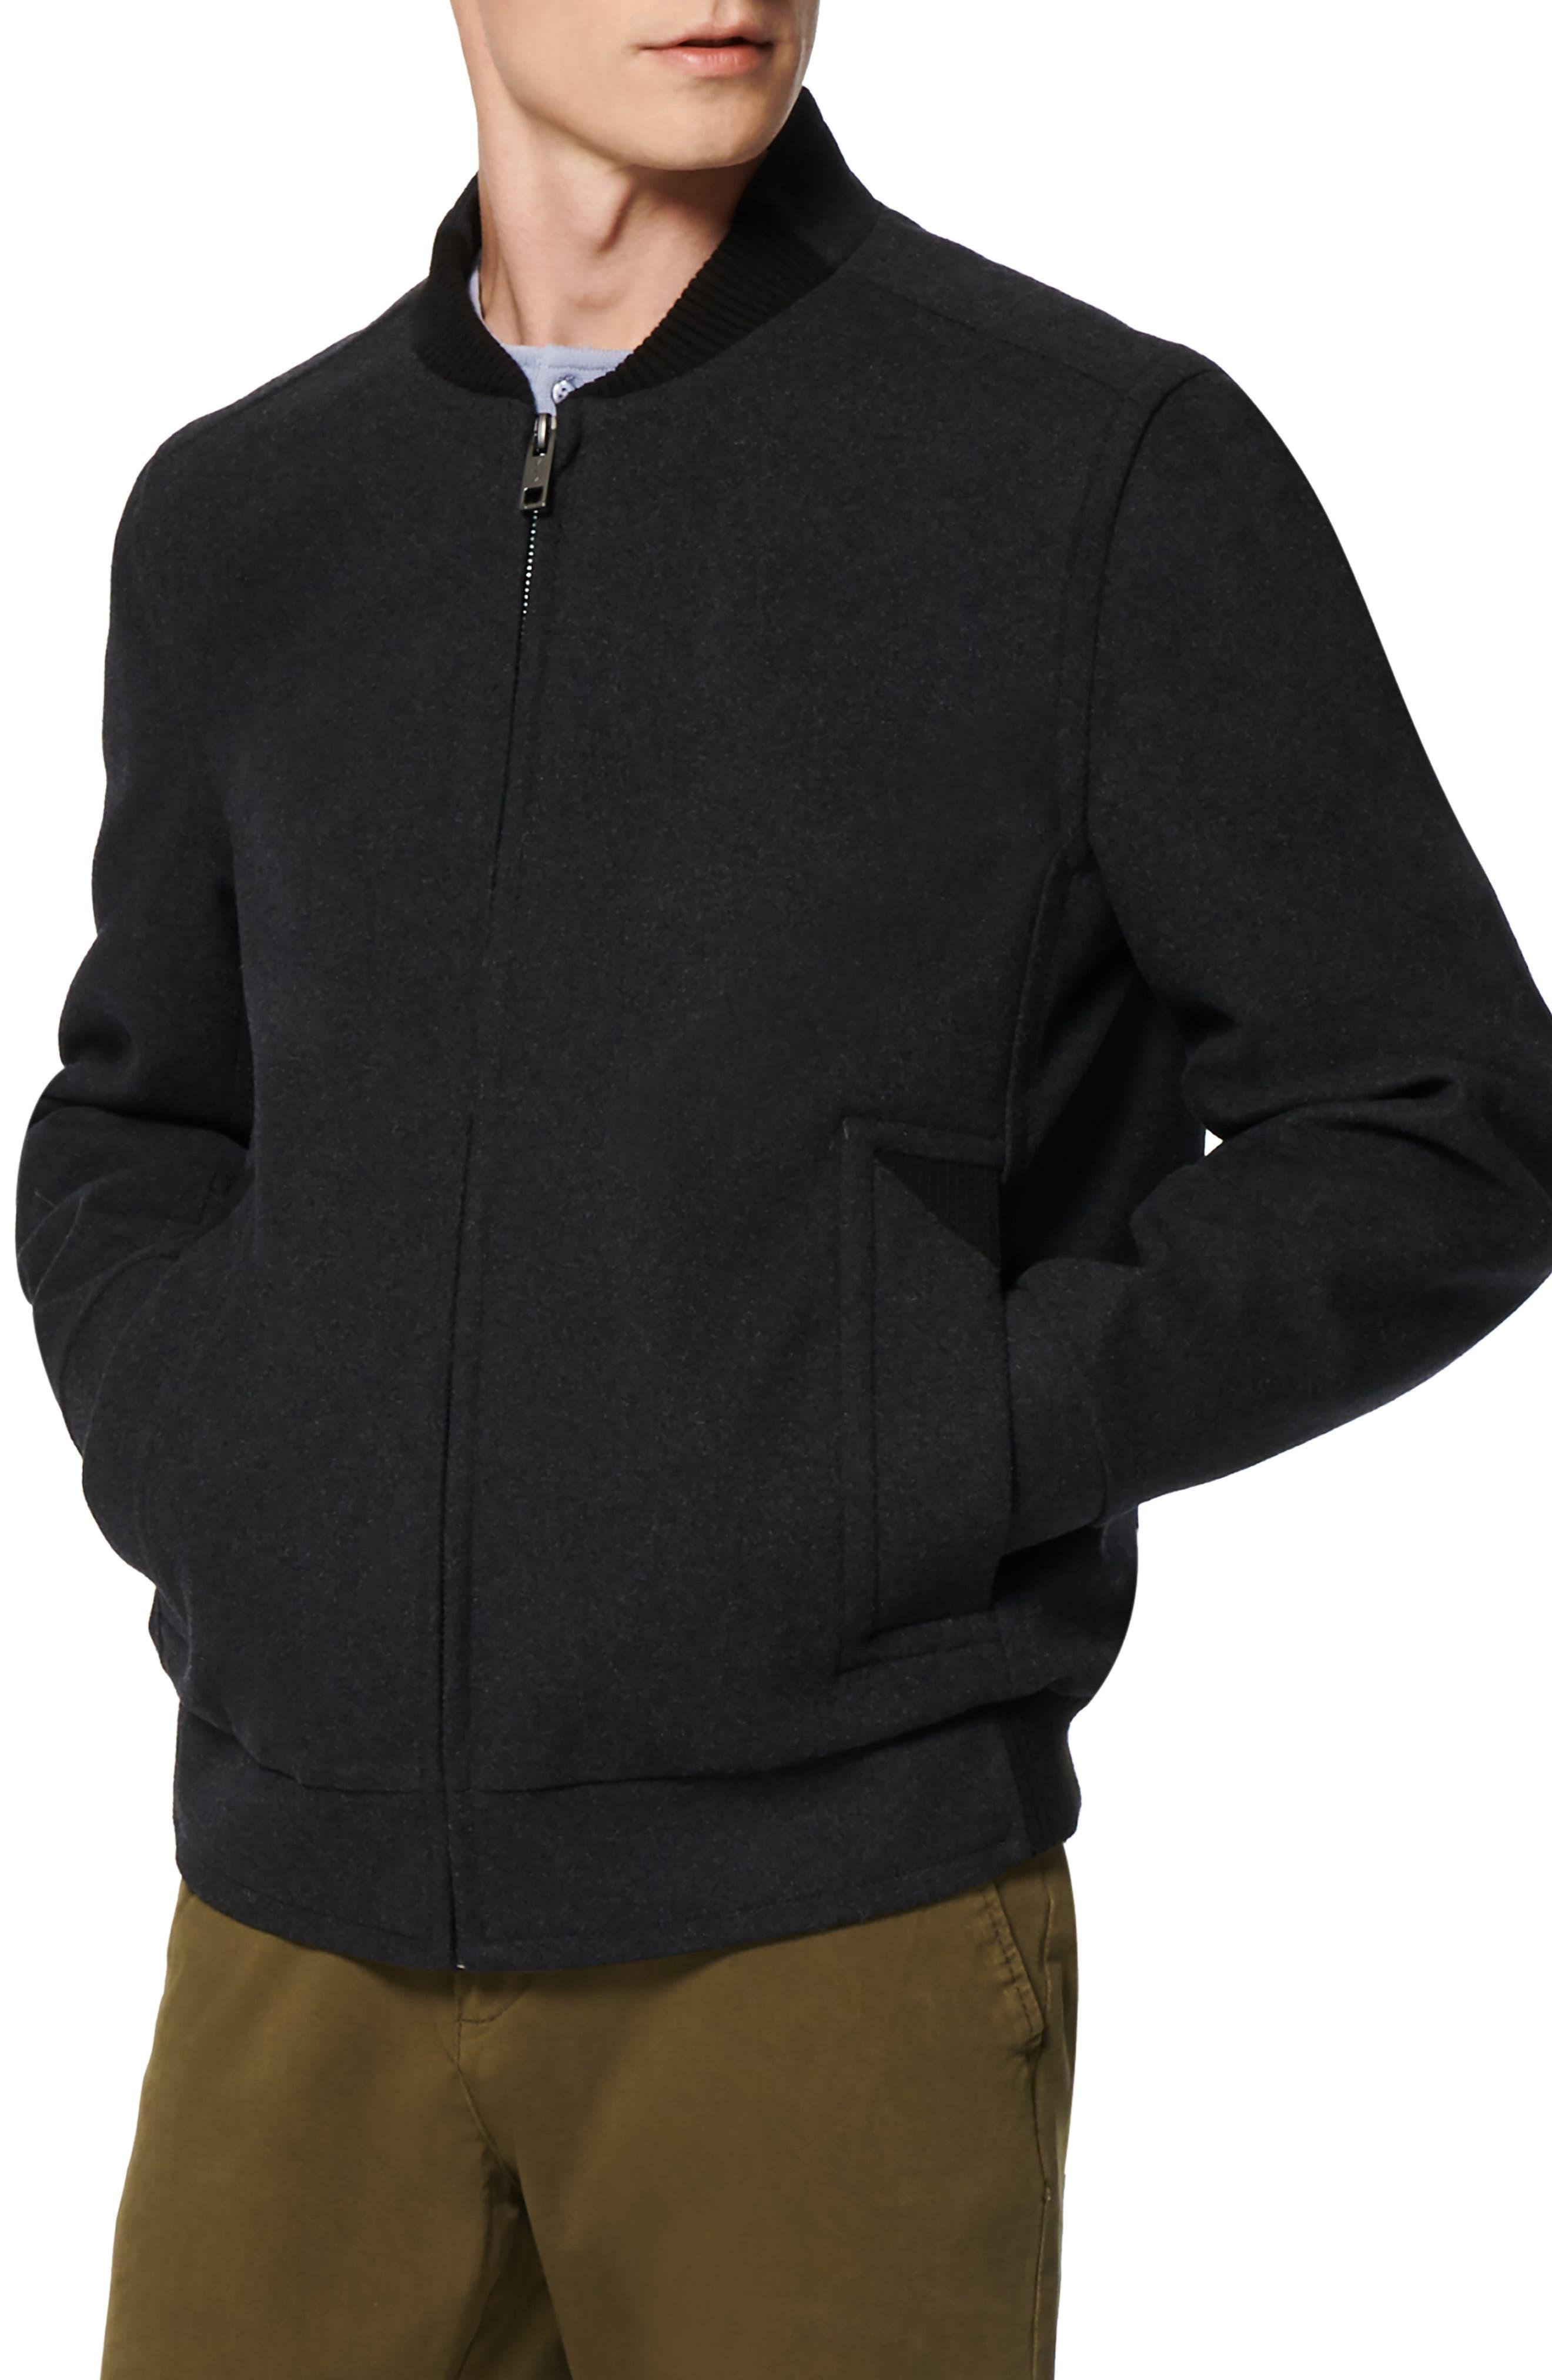 Barlow Jacket